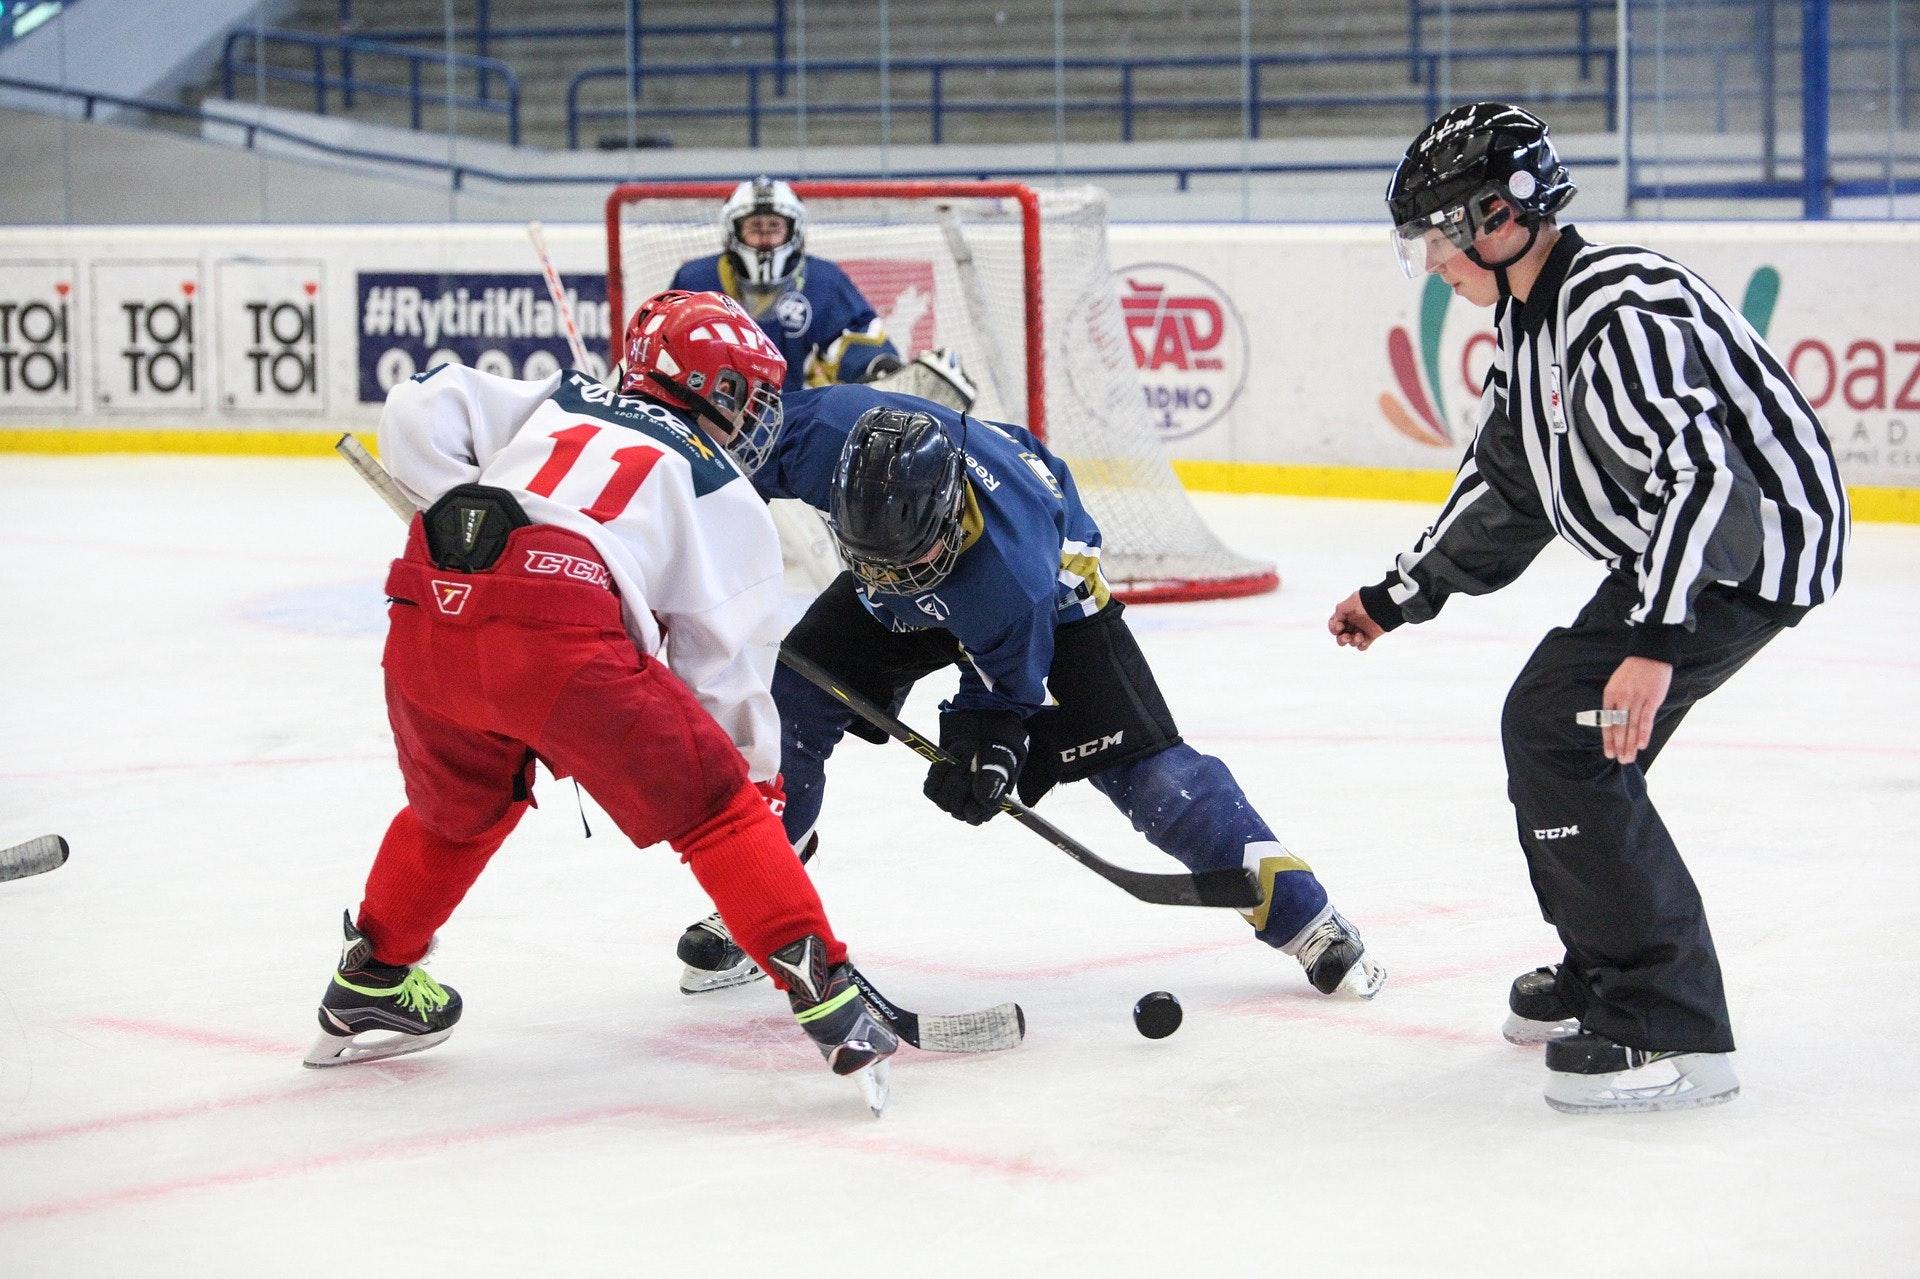 Hockey 2744907 1920